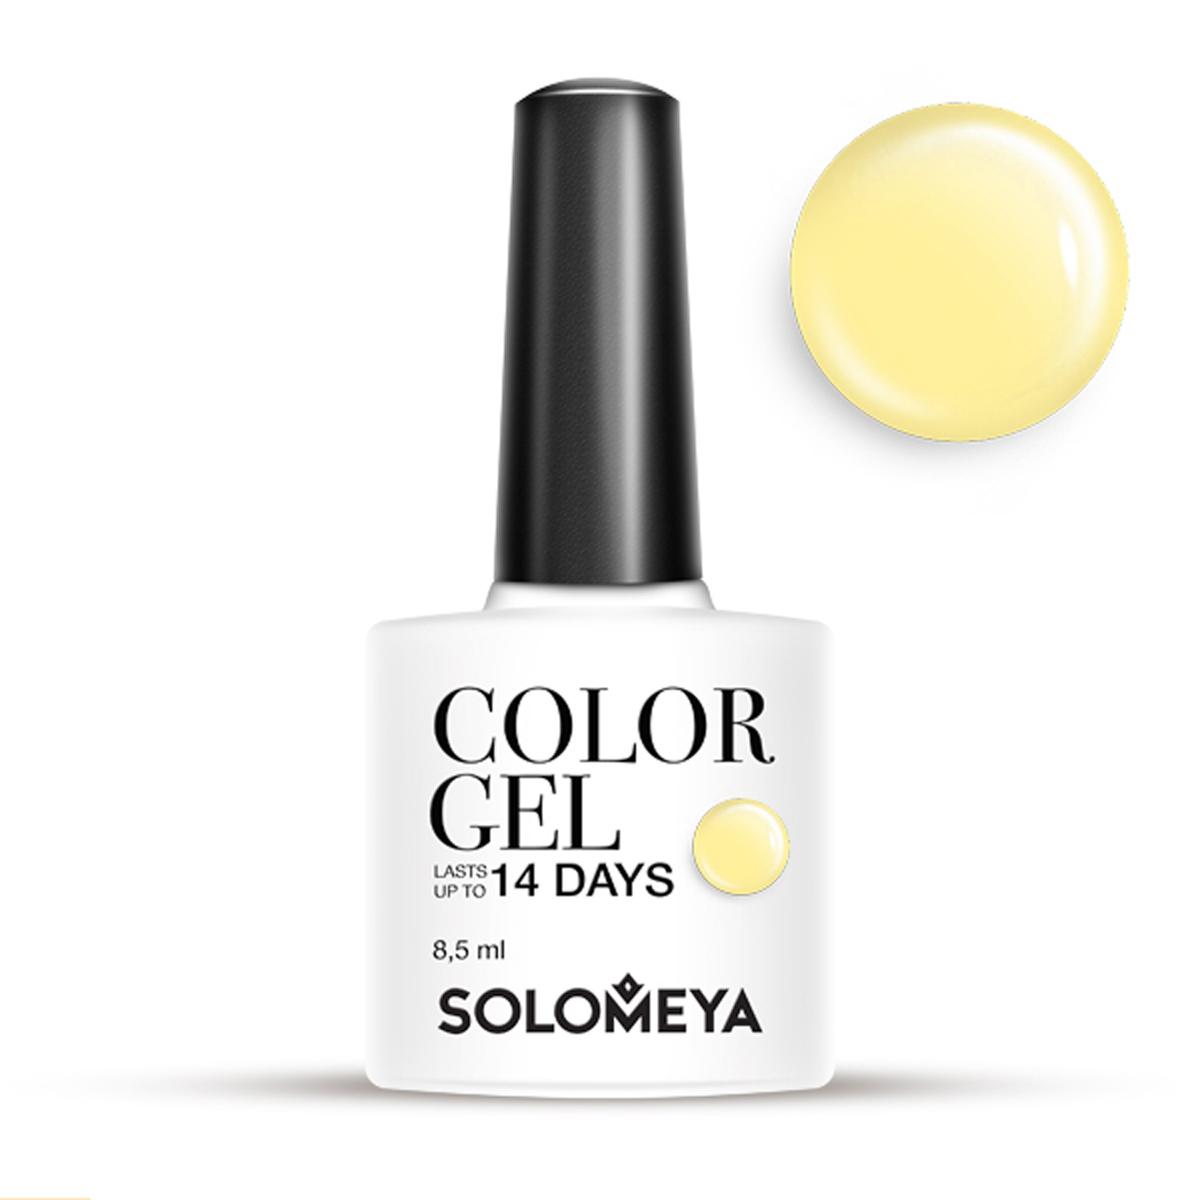 SOLOMEYA Гель-лак для ногтей SCG026 Лимон / Color Gel Lemon 8,5мл гель лак для ногтей solomeya color gel beret scg034 берет 8 5 мл